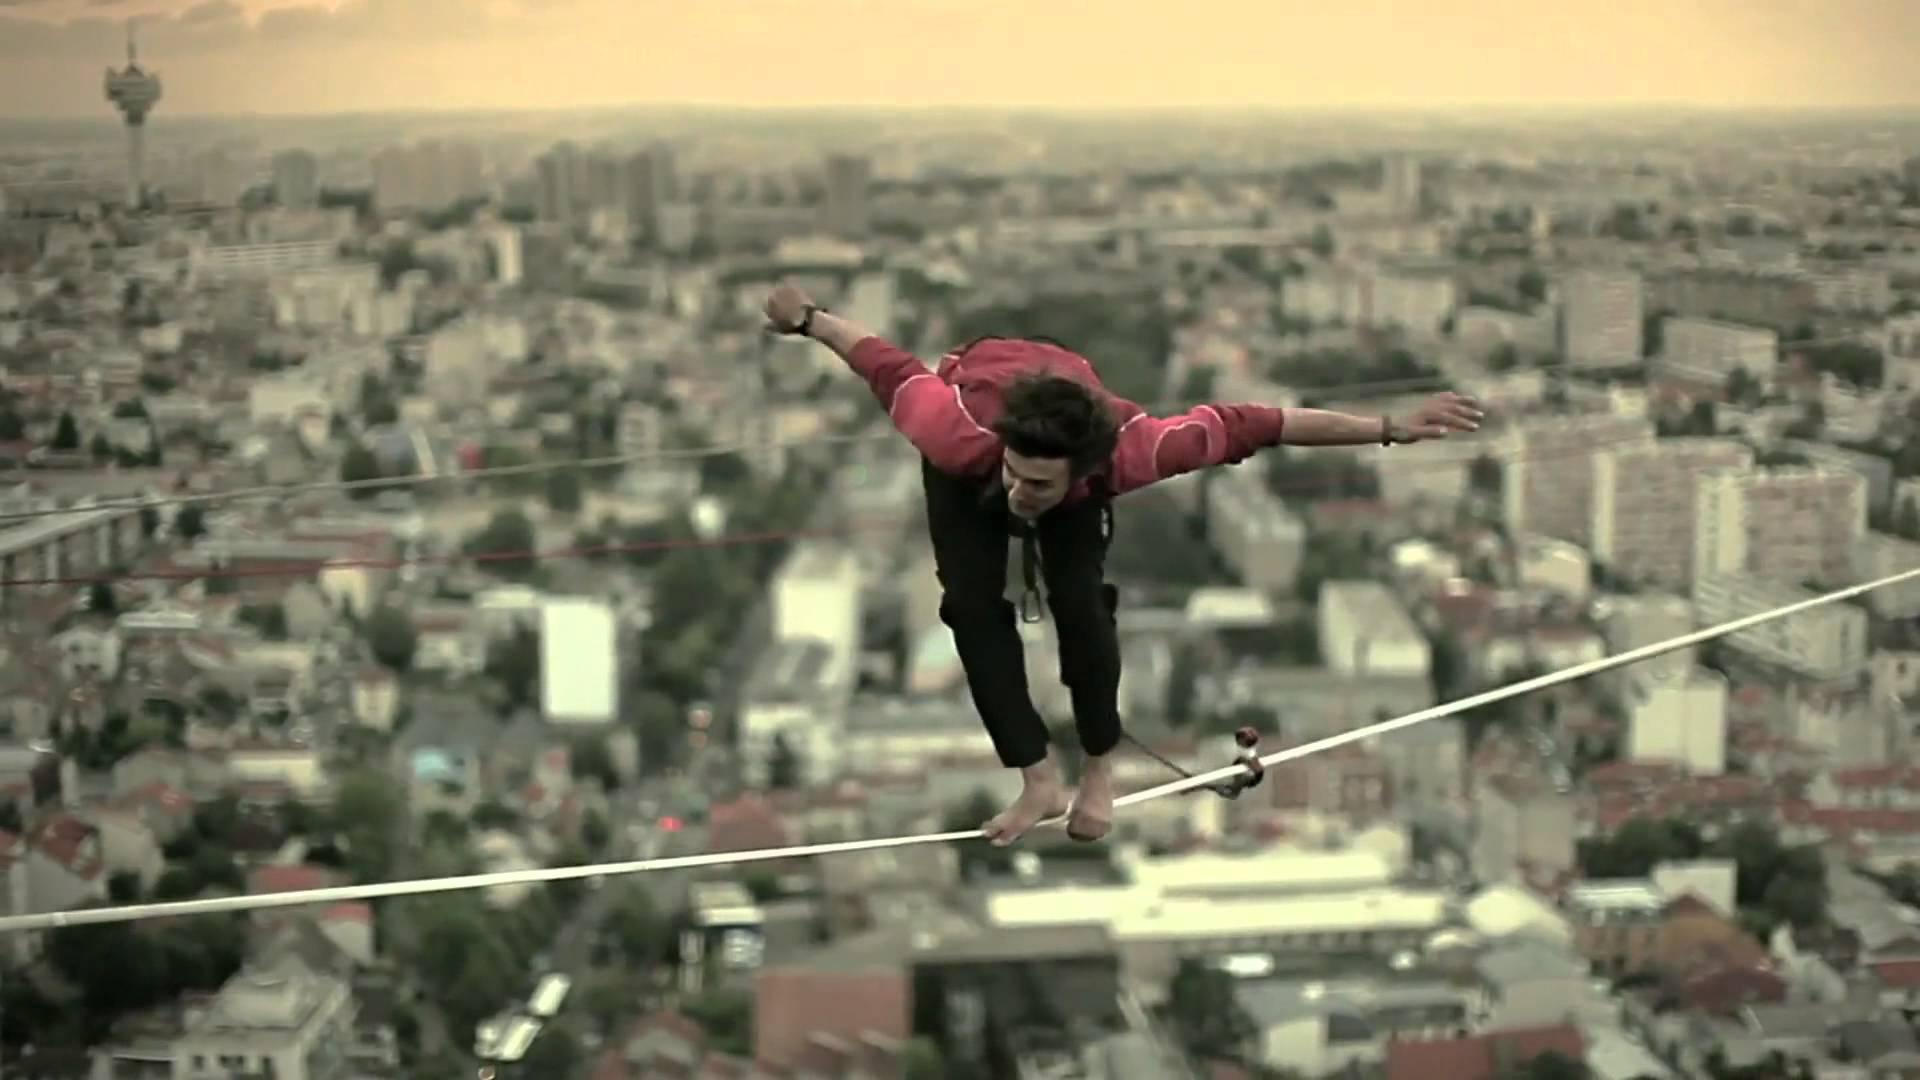 Игра со смертью: чтобы не платить за номер турист пытался сбежать из отеля по проводу на 19-метровой высоте